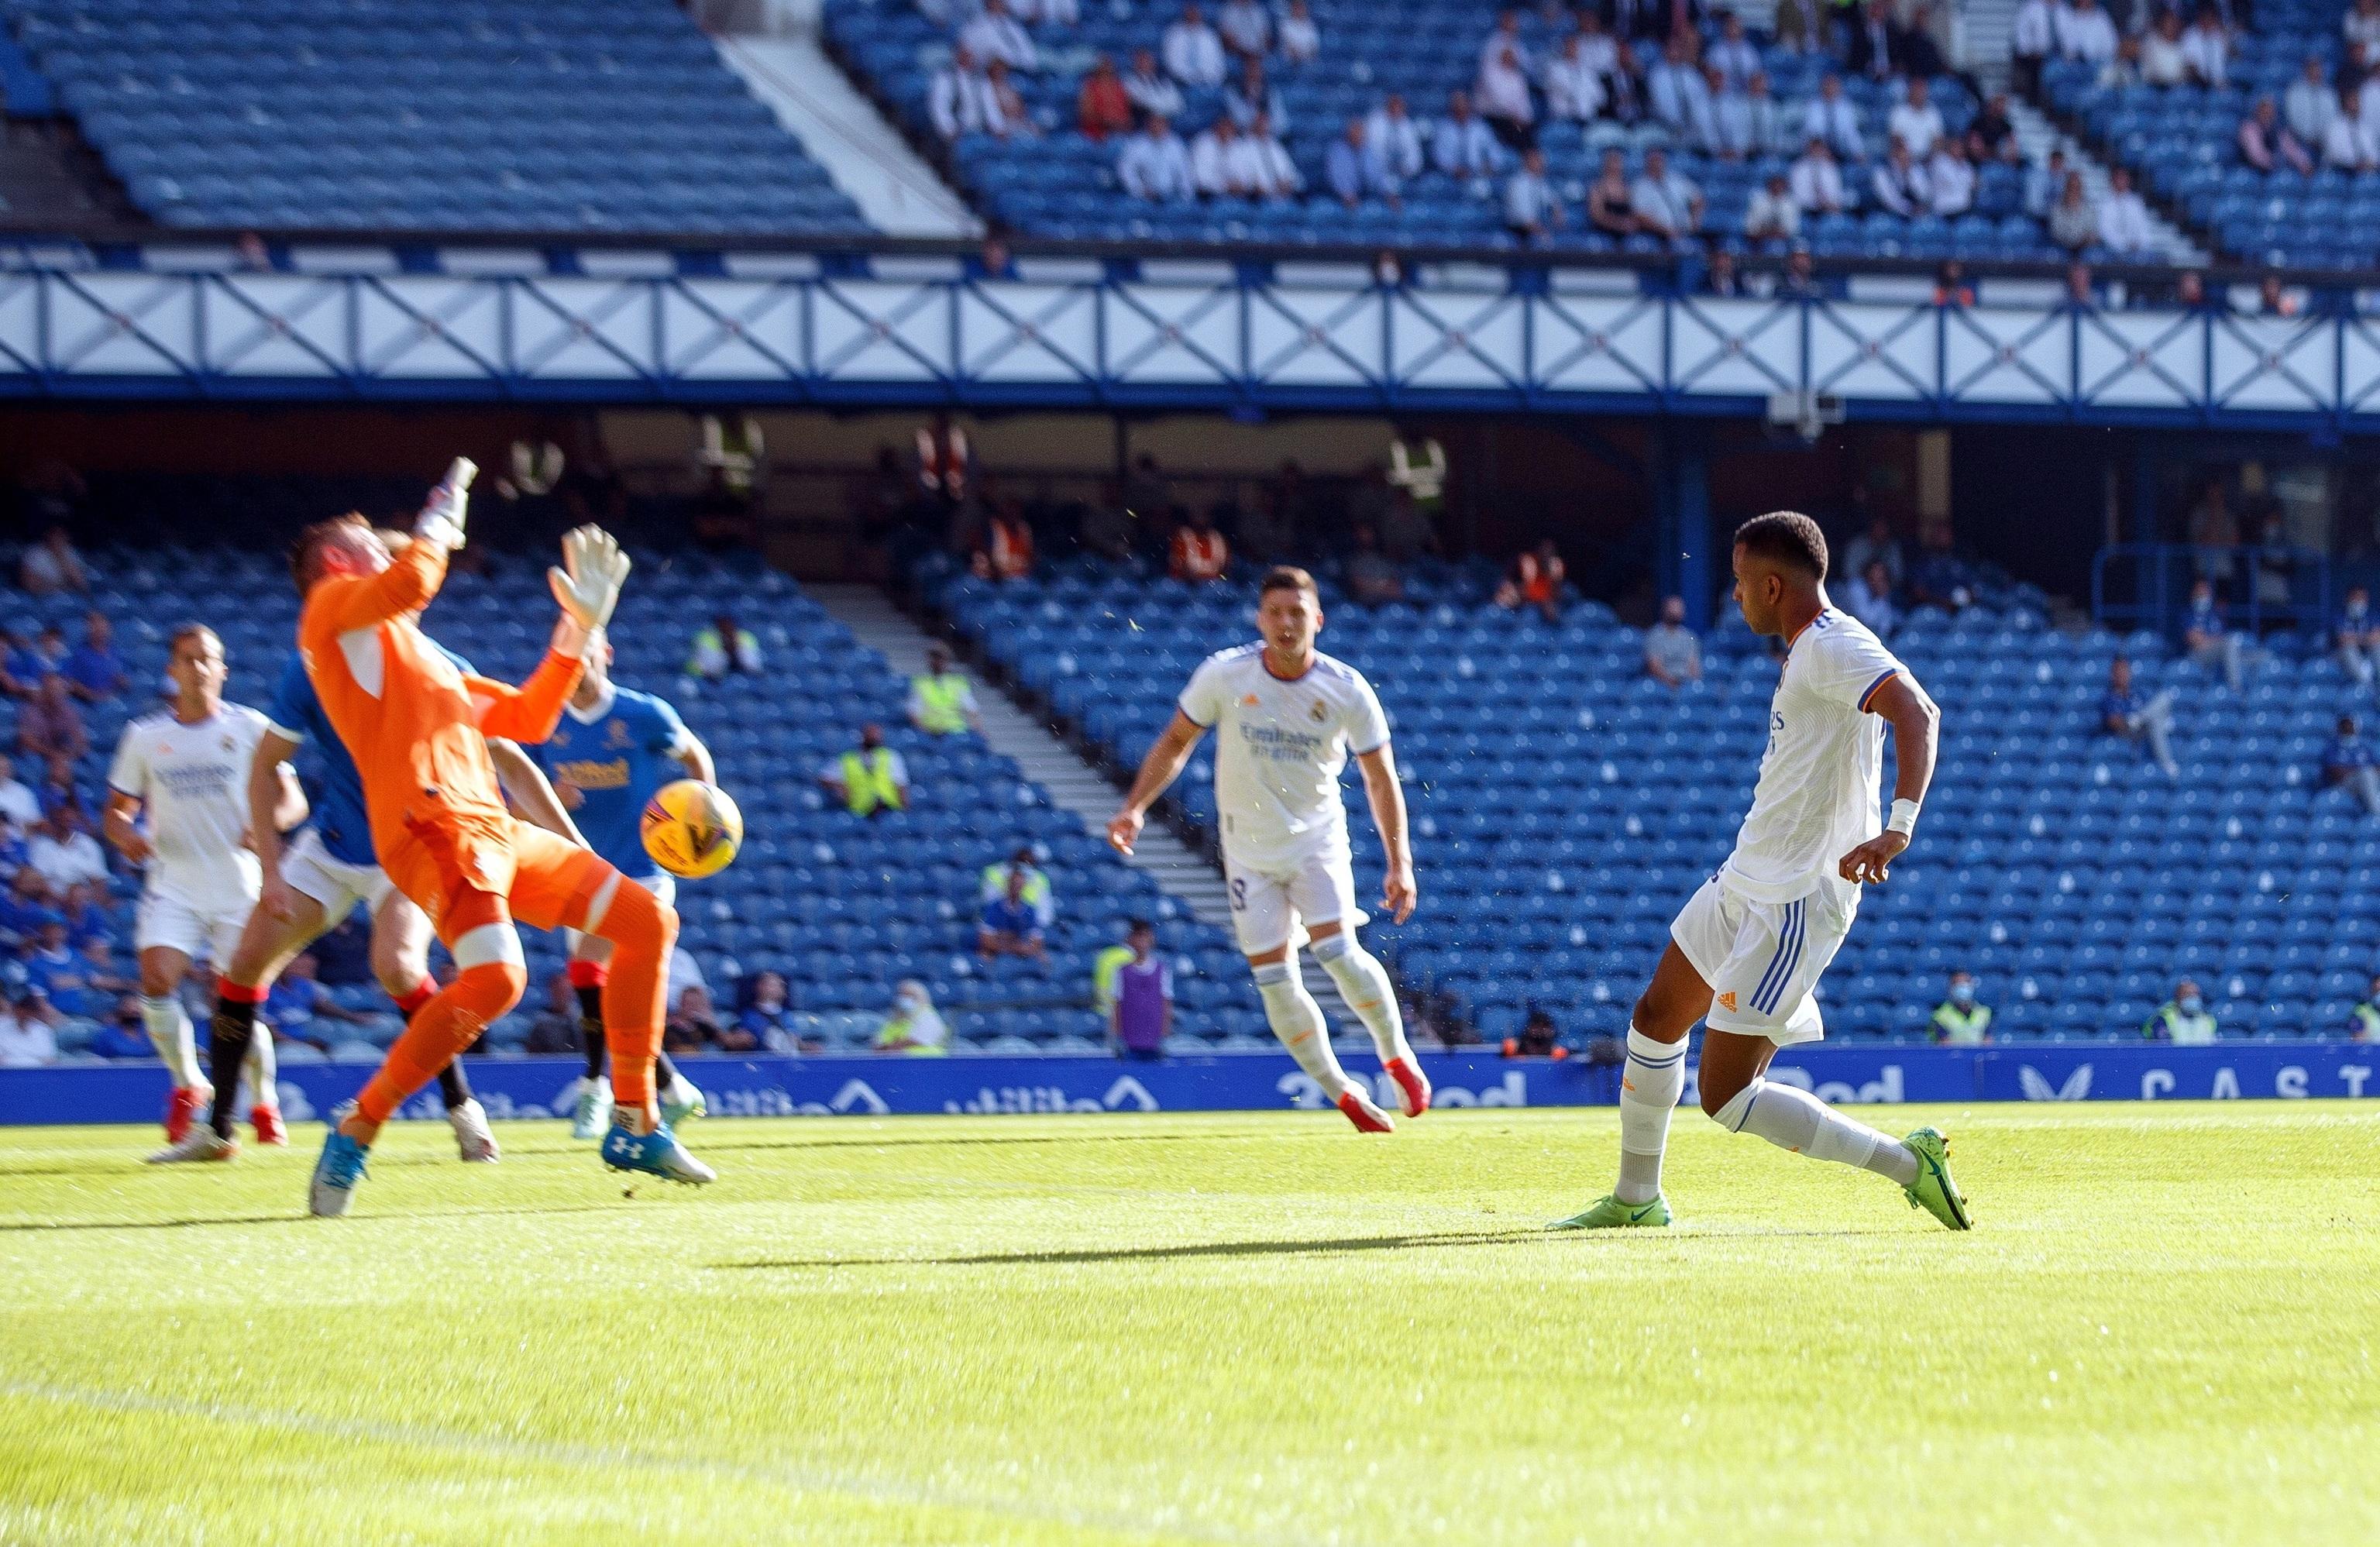 Rodrygo golpea con el exterior para marcar el gol del Real Madrid.